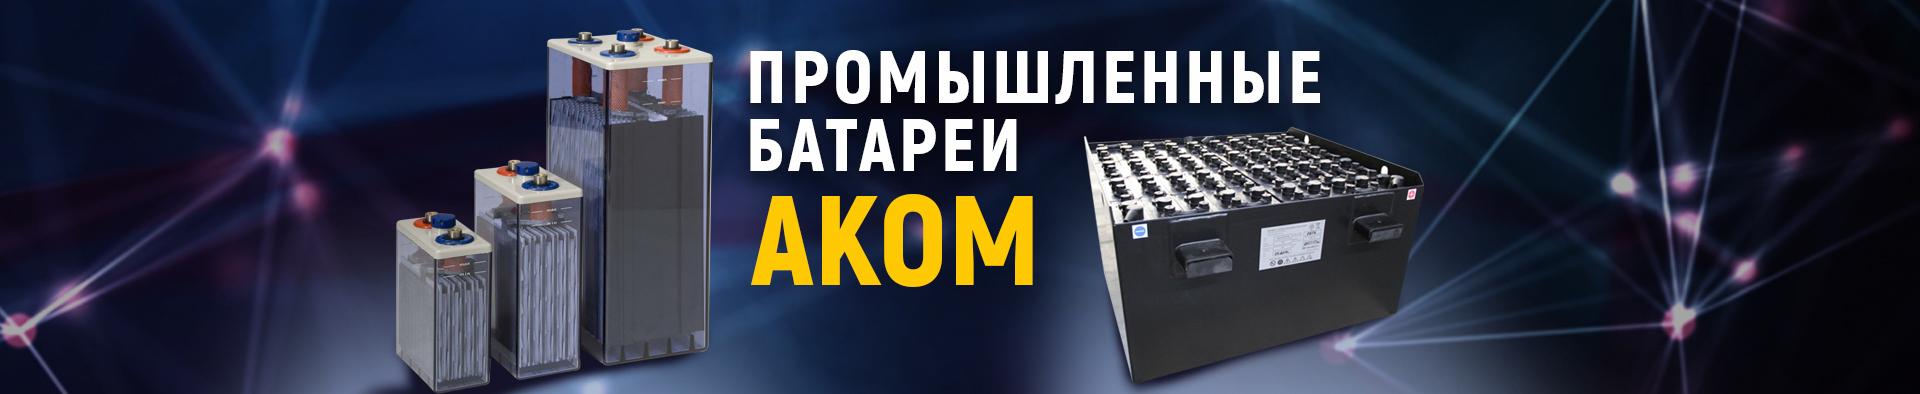 000_akom_prom